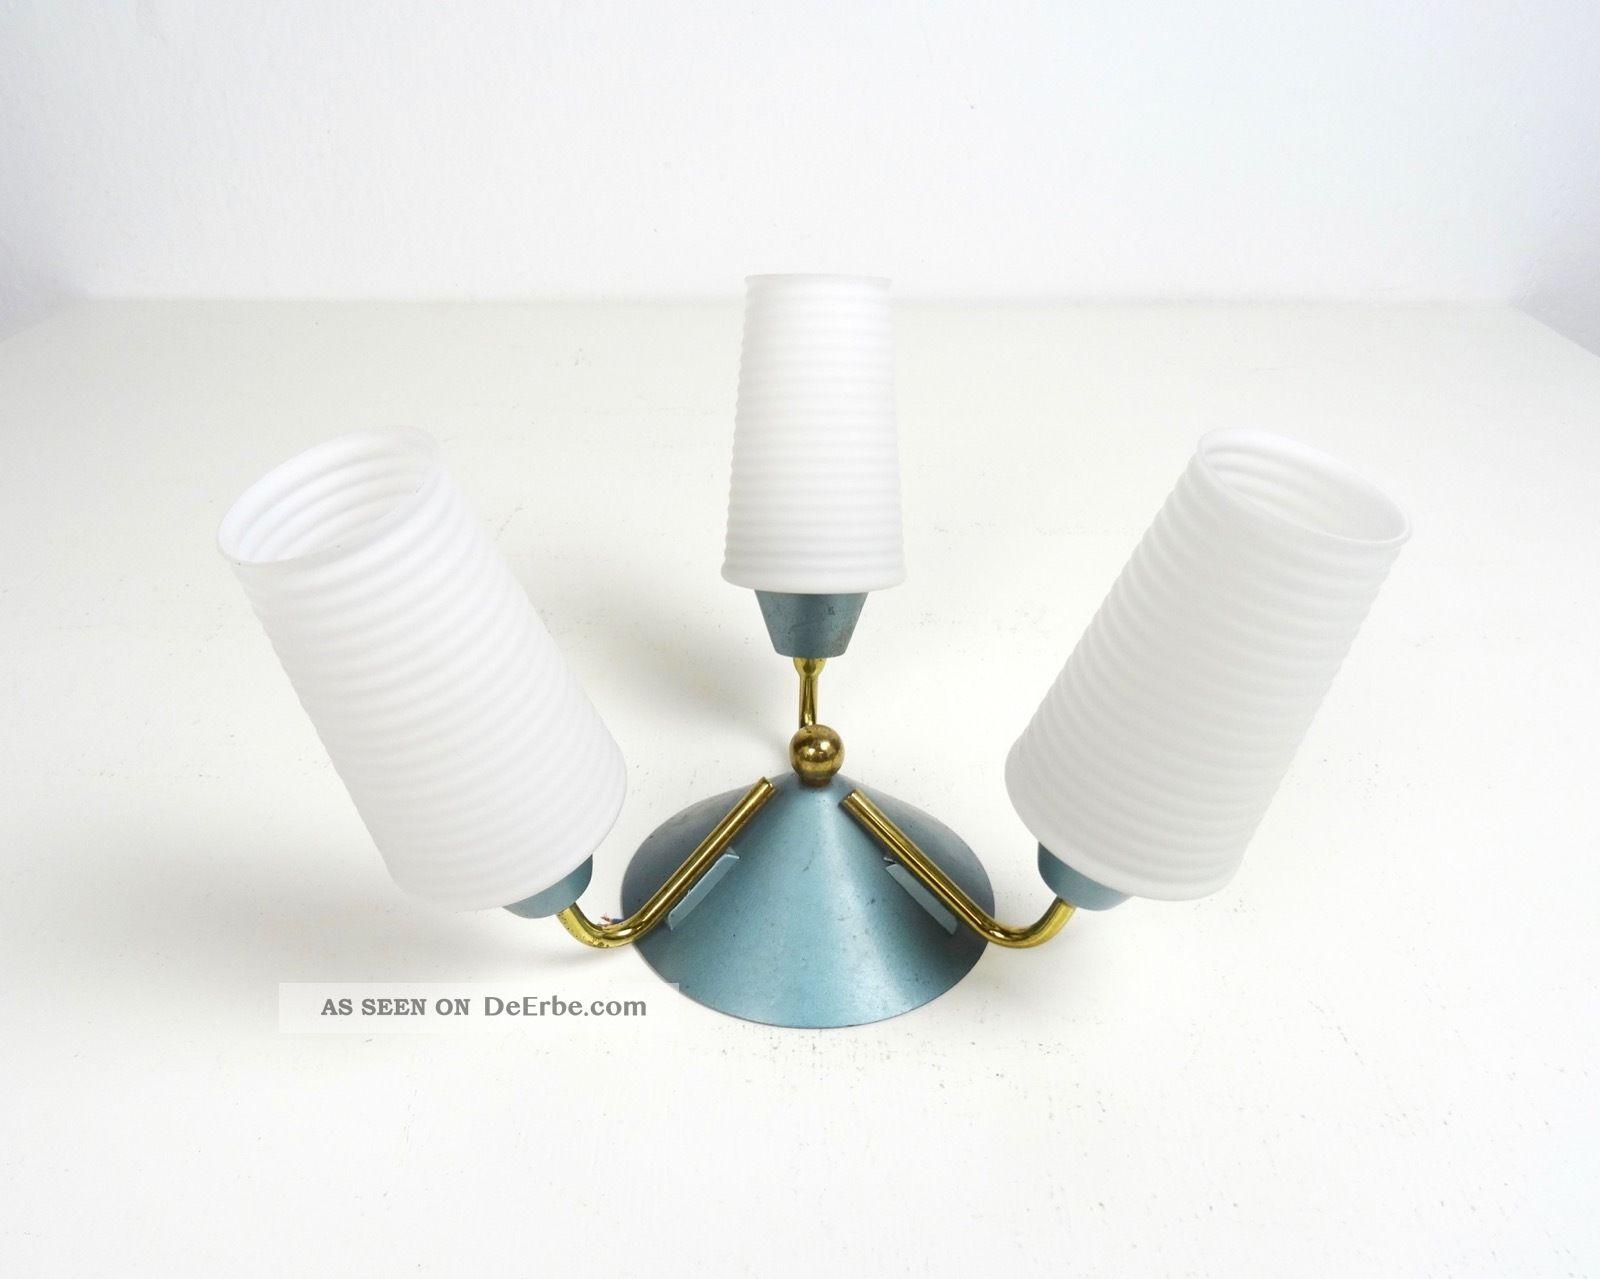 Seltene Vintage 50er Deckenlampe 60er Design Leuchte Stilnovo Ära Rockabilly 1960-1969 Bild